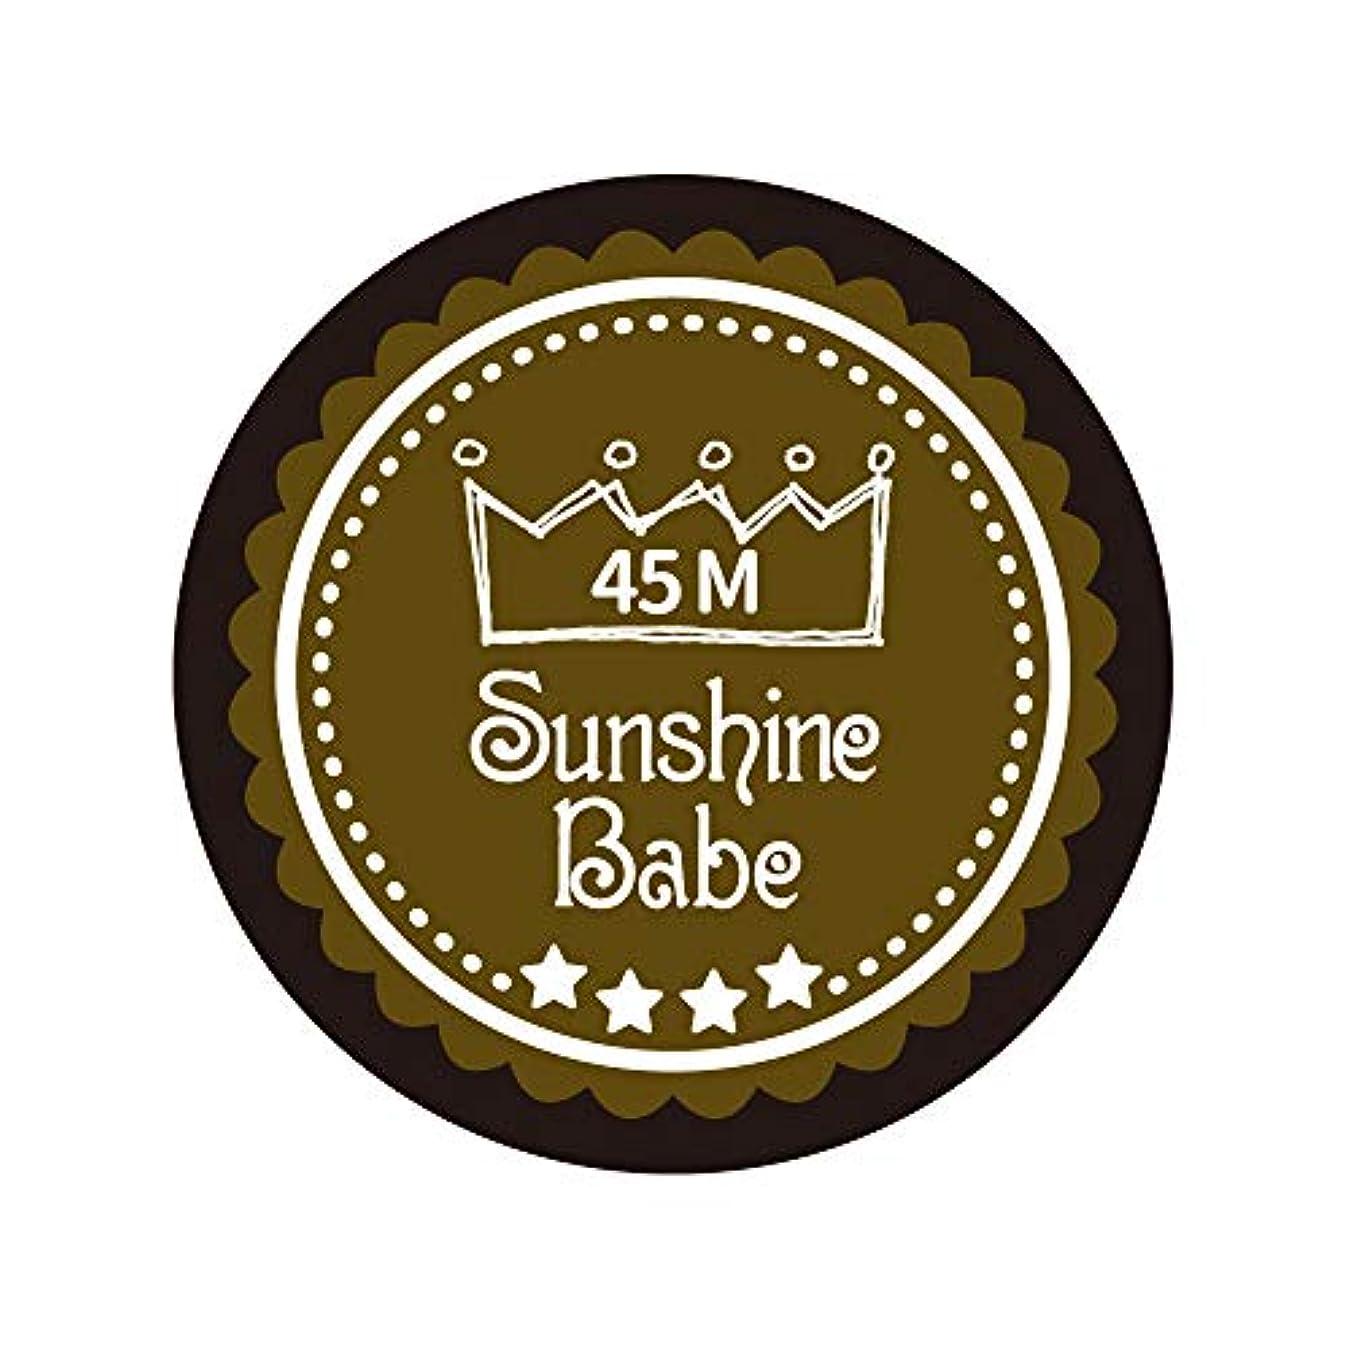 帽子かもしれない群がるSunshine Babe カラージェル 45M マティーニオリーブ 2.7g UV/LED対応